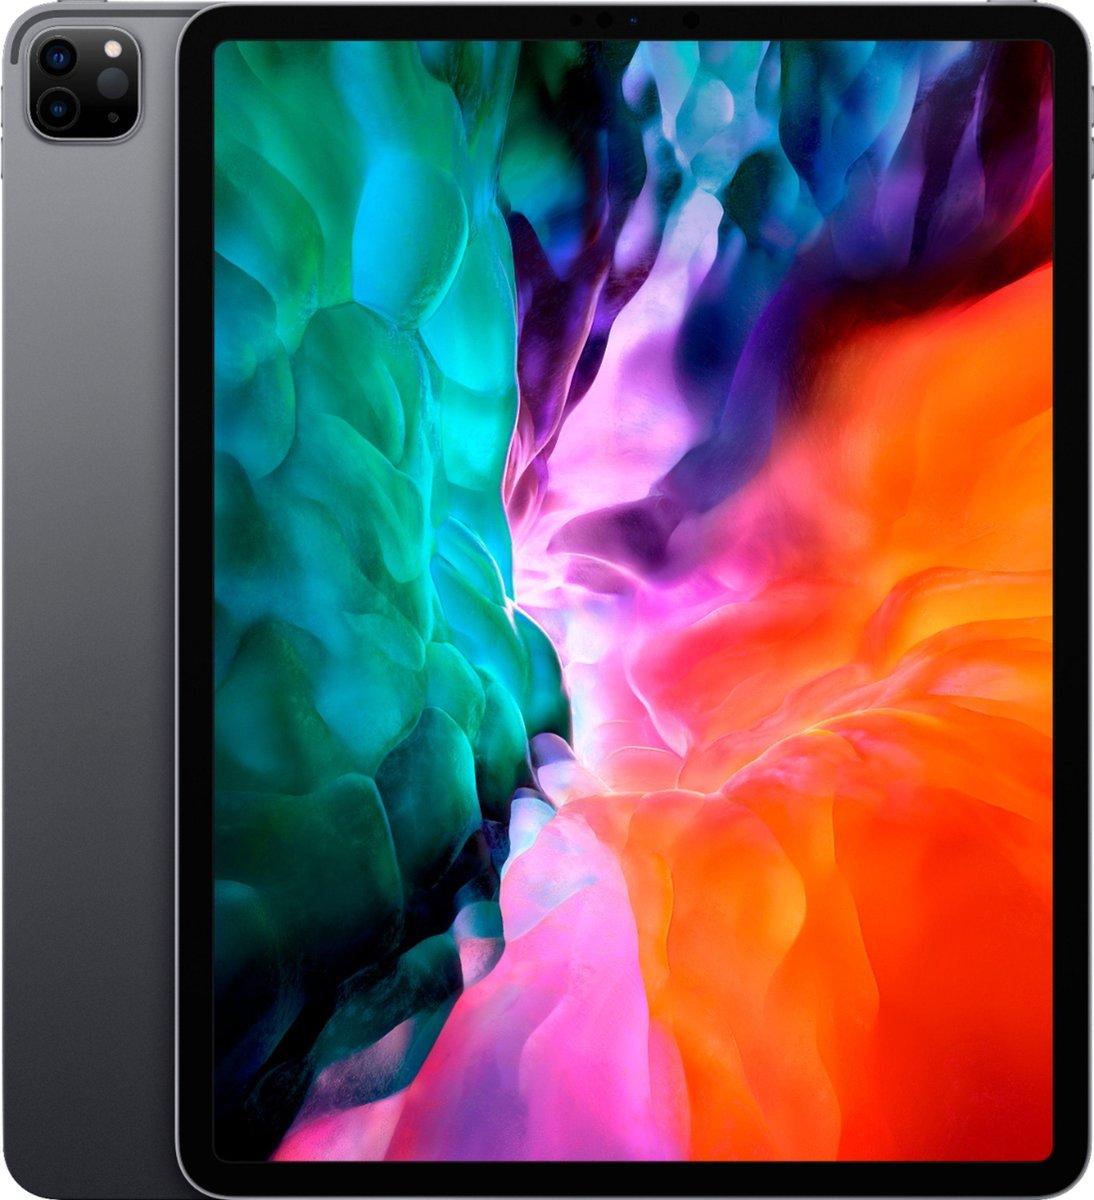 Apple iPad Pro 12.9 4e Generatie – Gereviseerd door SUPREME MOBILE – A GRADE – Alleen Wi-Fi – 1 TB  – Ruimte Grijs